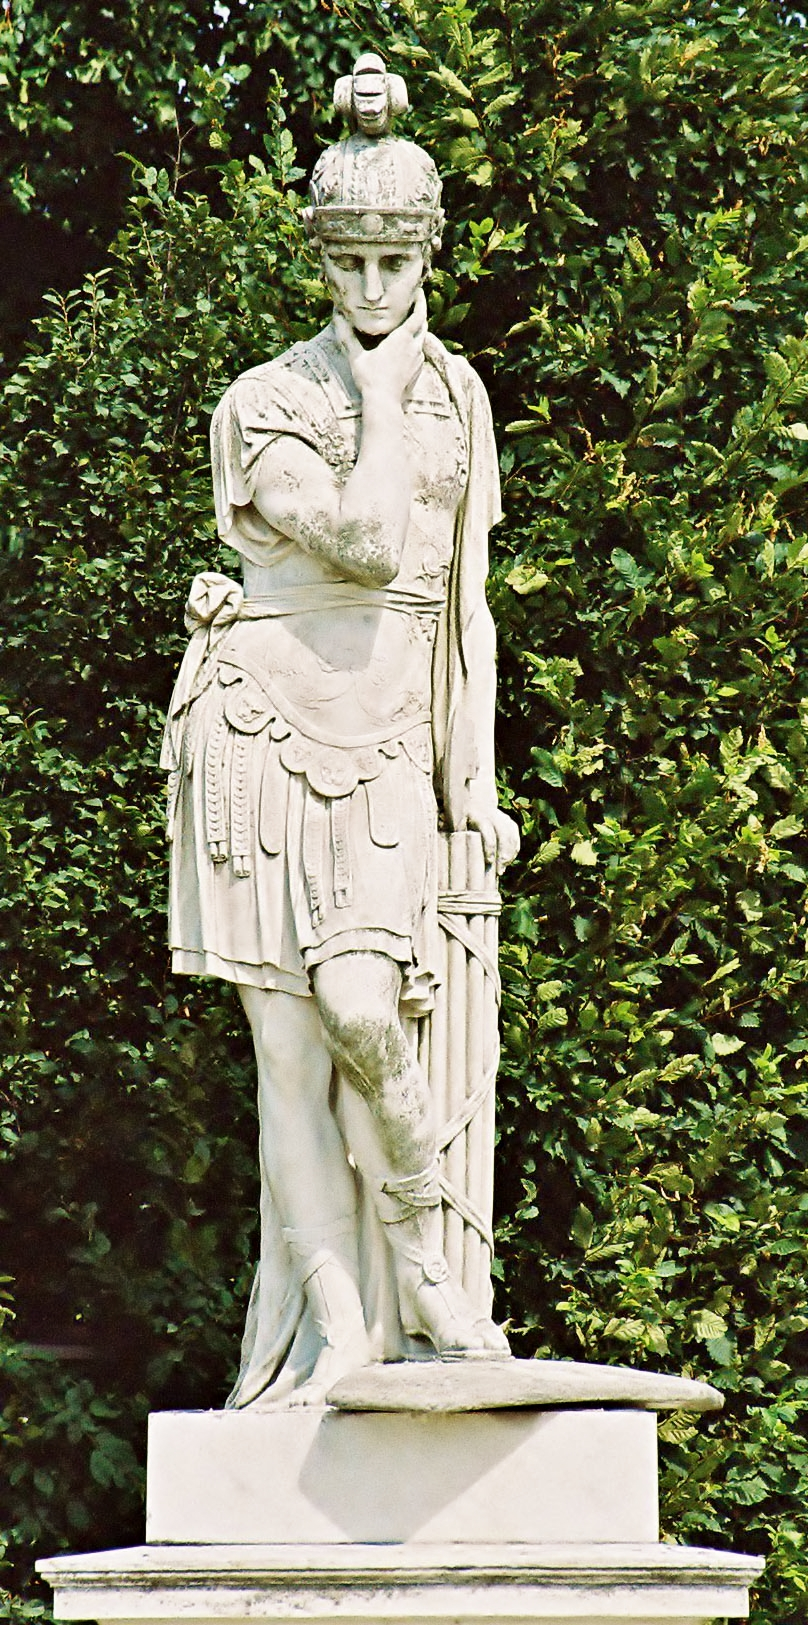 Statue of [[Quintus Fabius Maximus Verrucosus